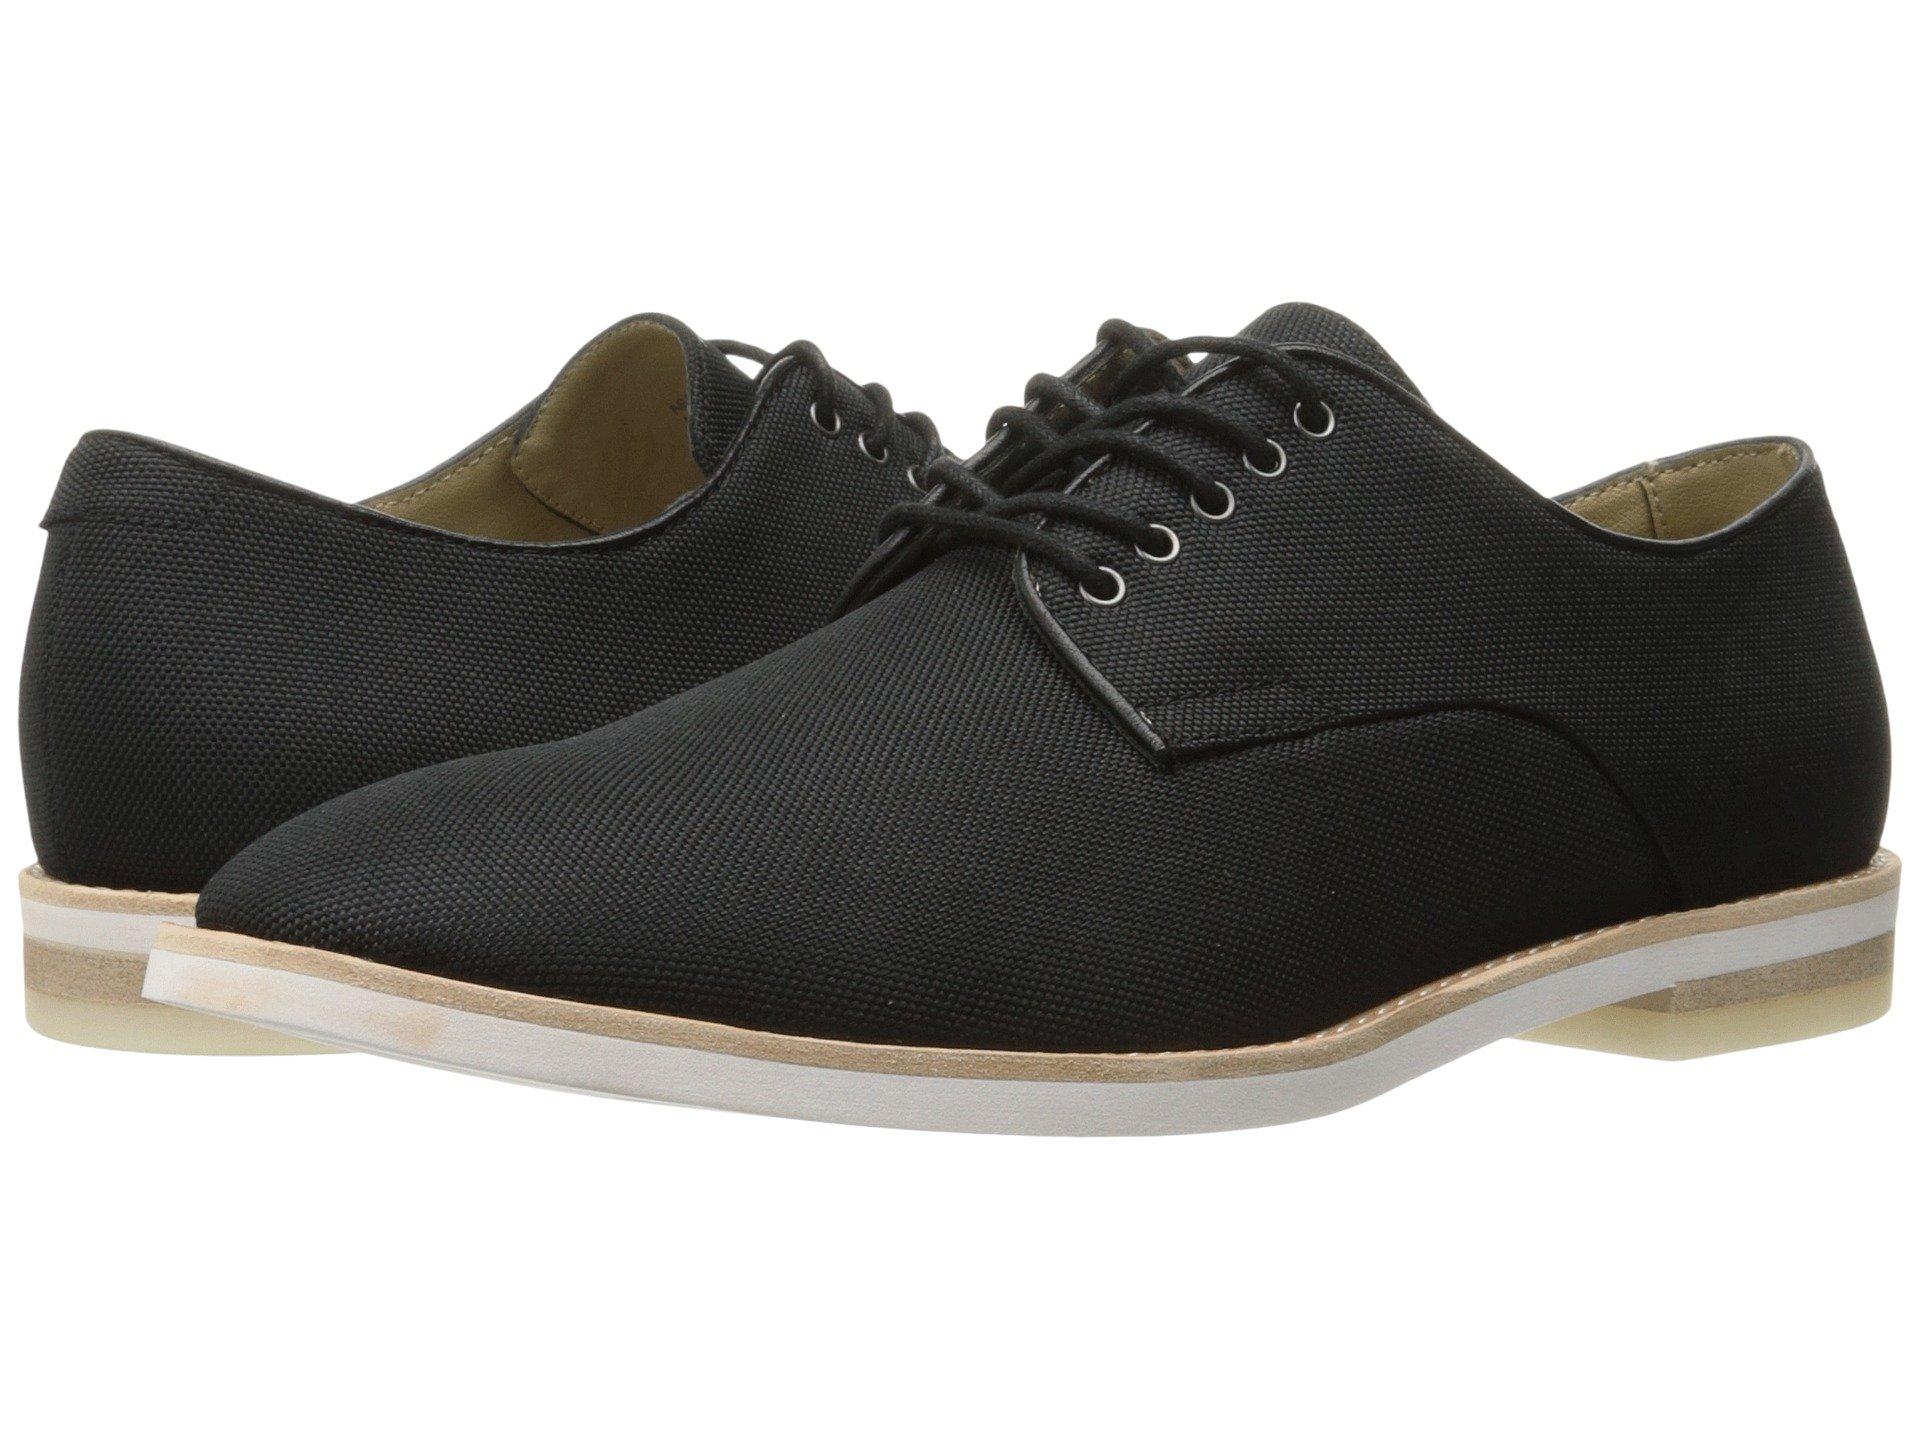 Calzado tipo Oxford para Hombre Calvin Klein Augusssie  + Calvin Klein en VeoyCompro.net